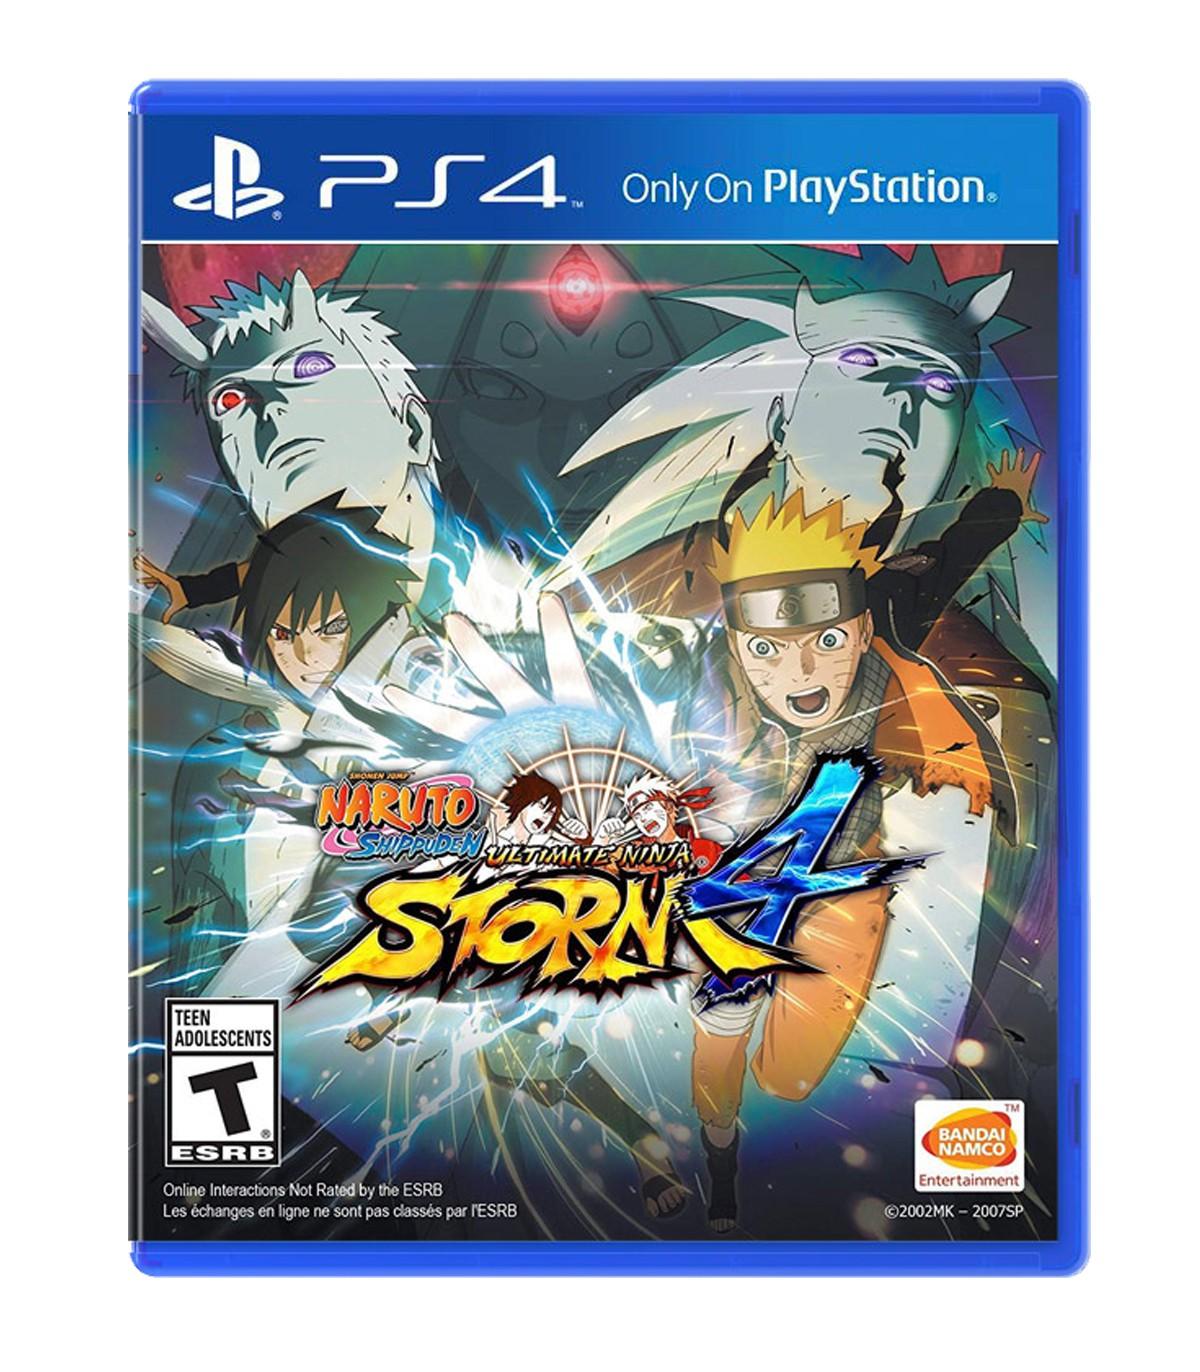 بازی Naruto Shippuden: Ultimate Ninja Storm 4 - پلی استیشن 4